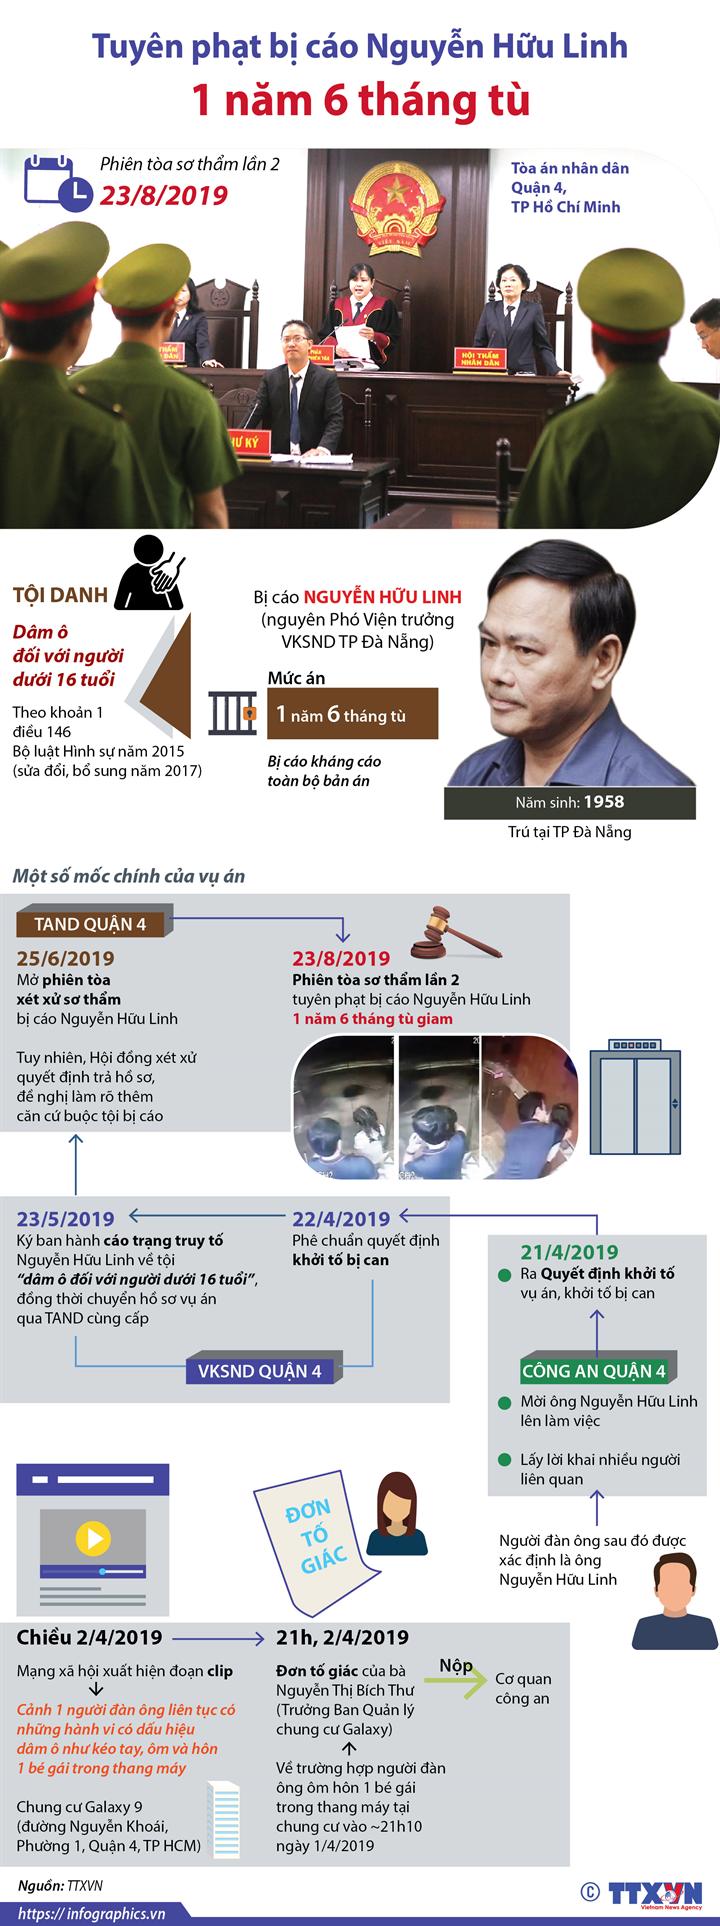 Tuyên phạt bị cáo Nguyễn Hữu Linh 1 năm 6 tháng tù